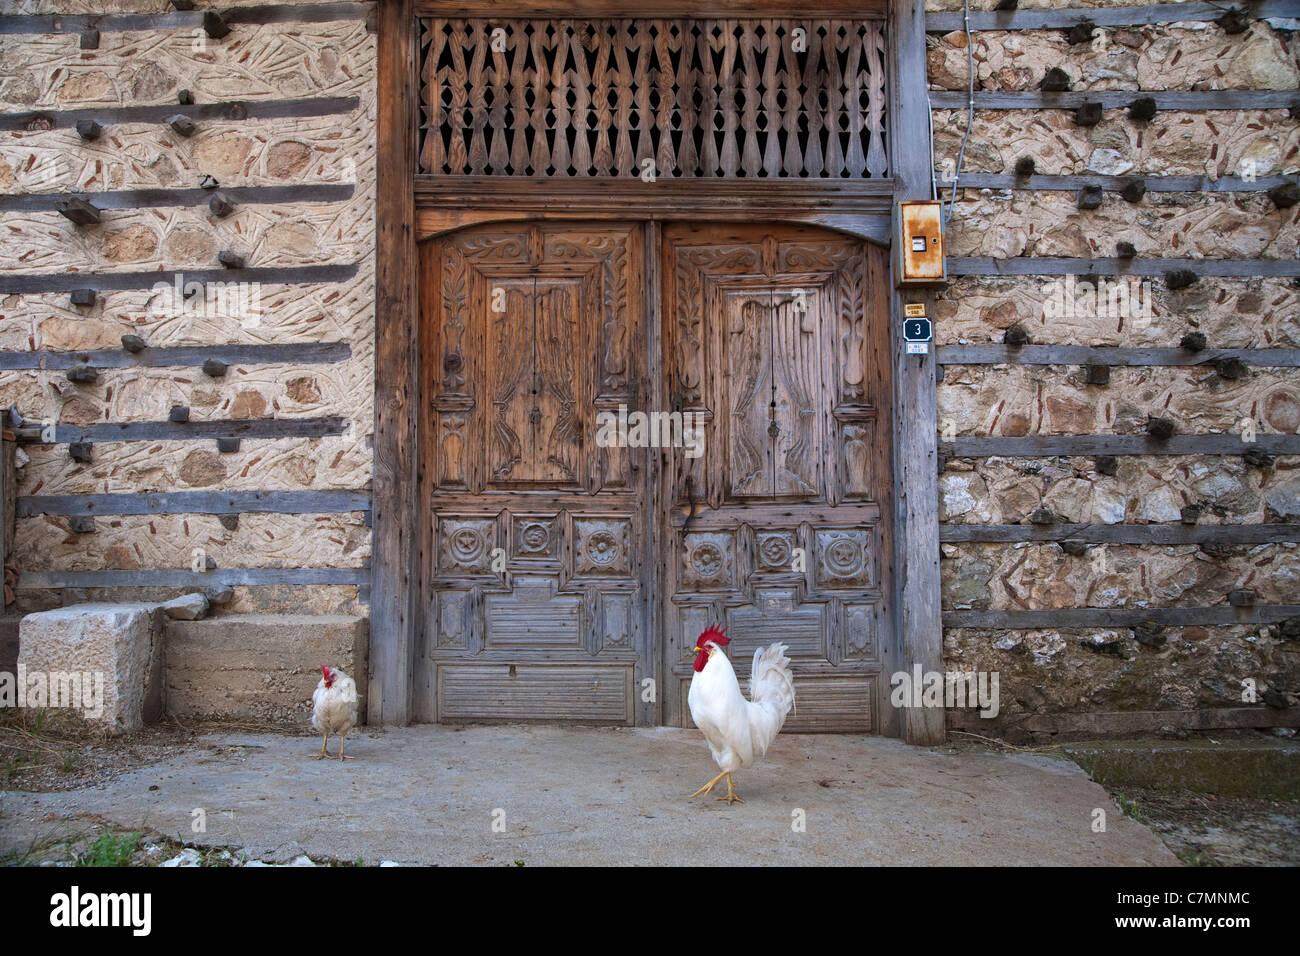 En la puerta de madera tradicional aldea Ormana Akseki Antalya Turquía Imagen De Stock